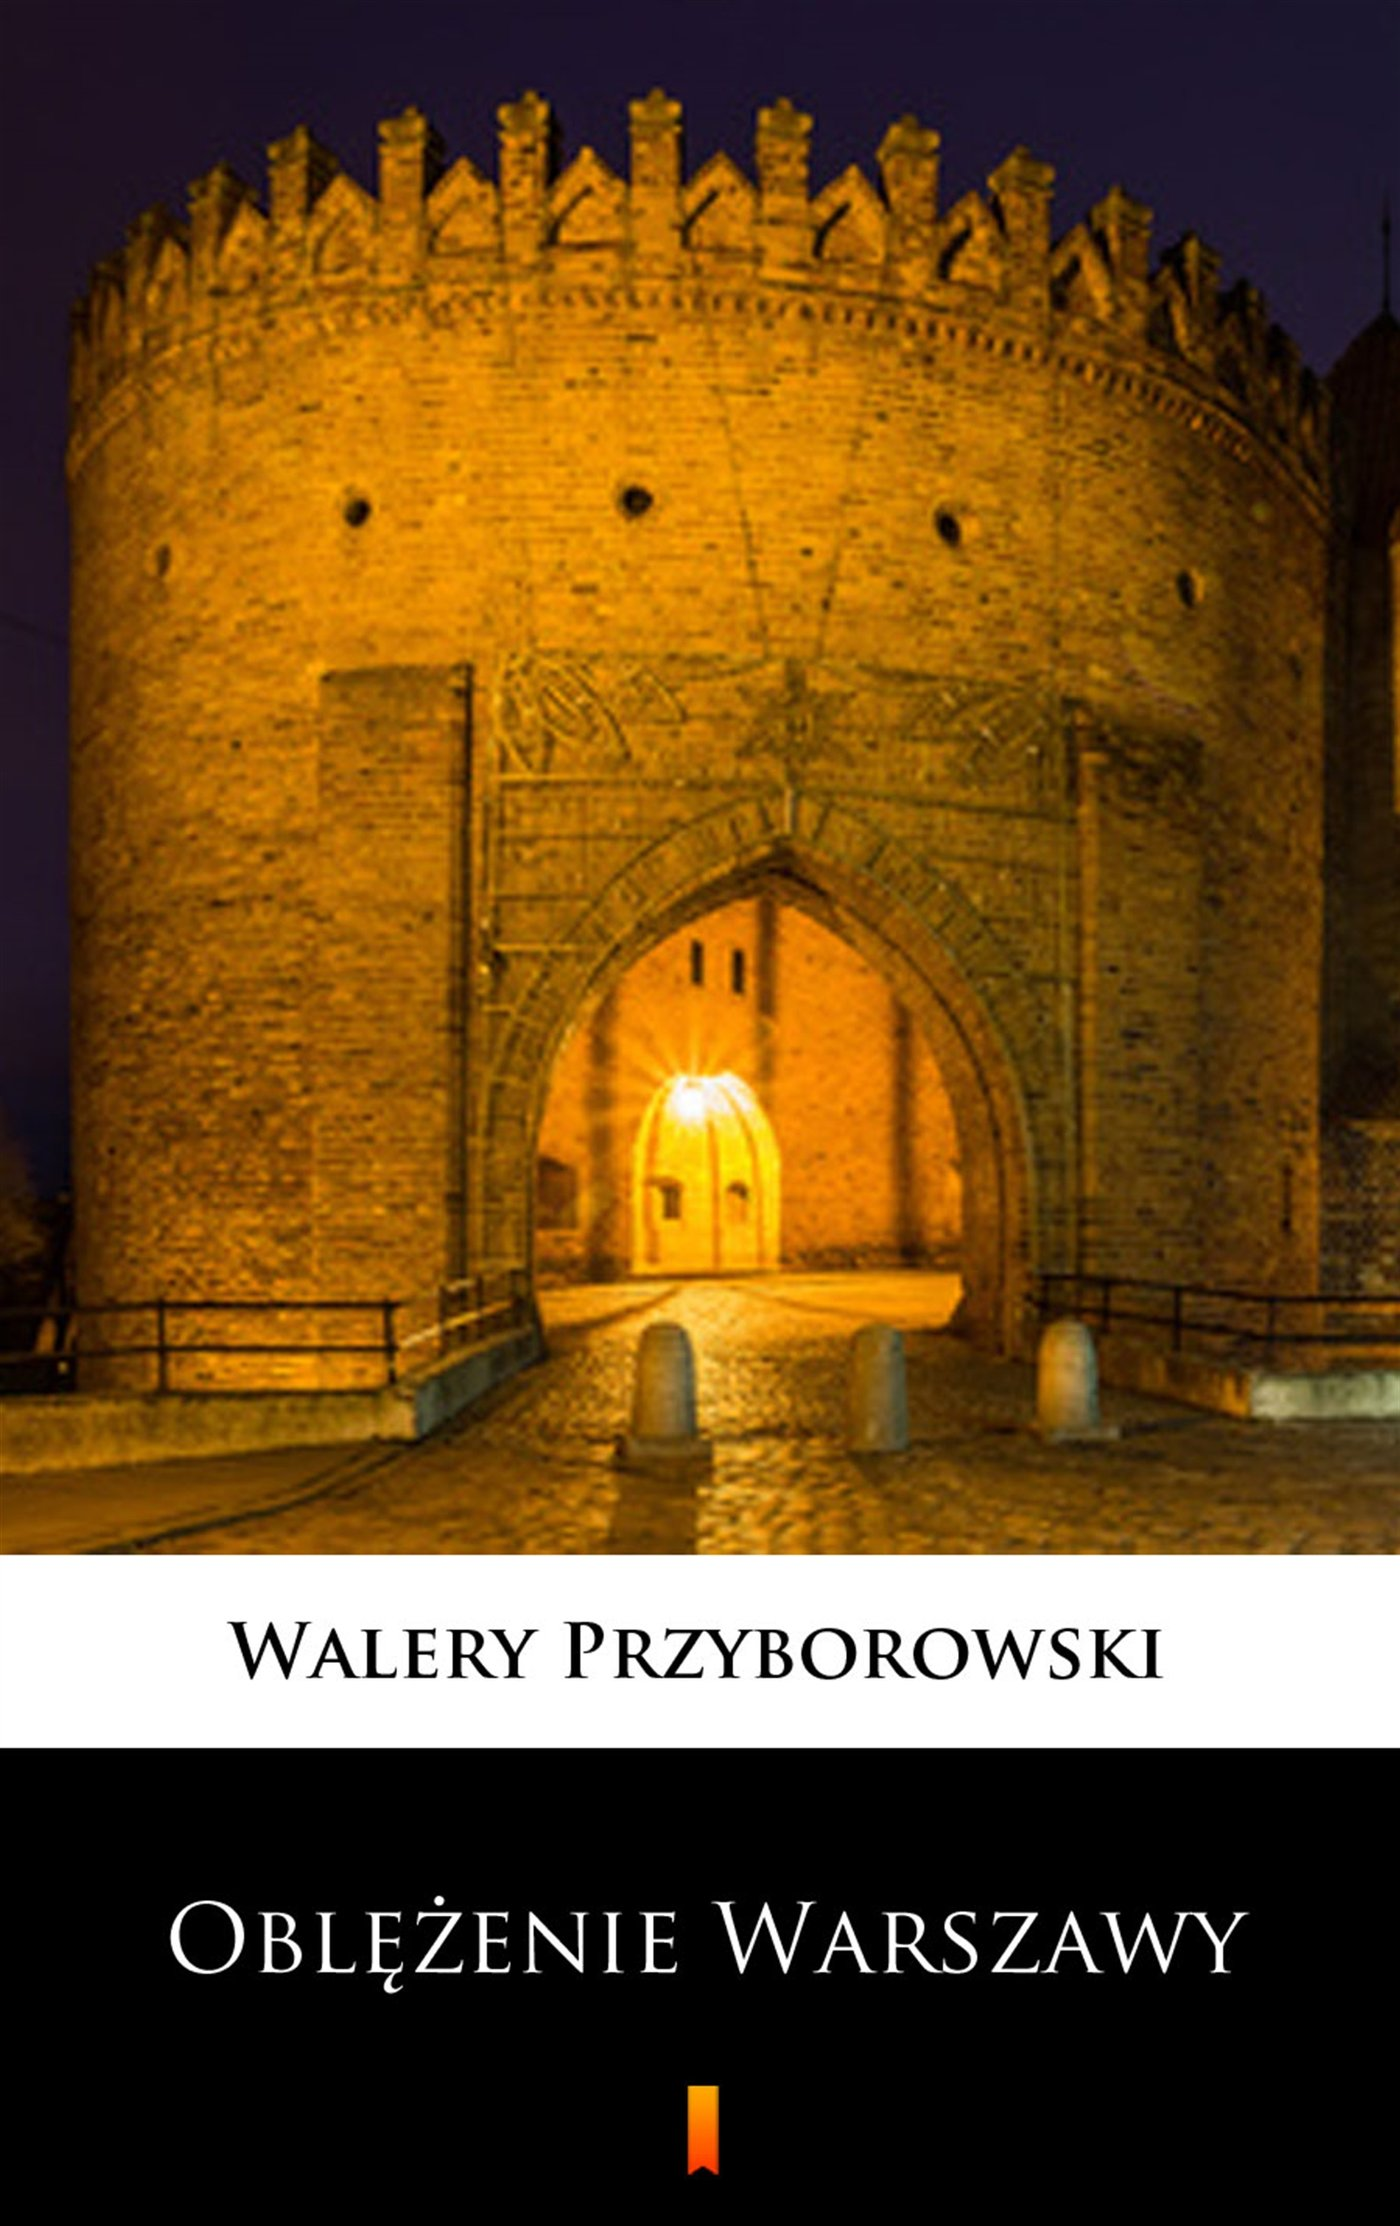 Oblężenie Warszawy - Ebook (Książka EPUB) do pobrania w formacie EPUB